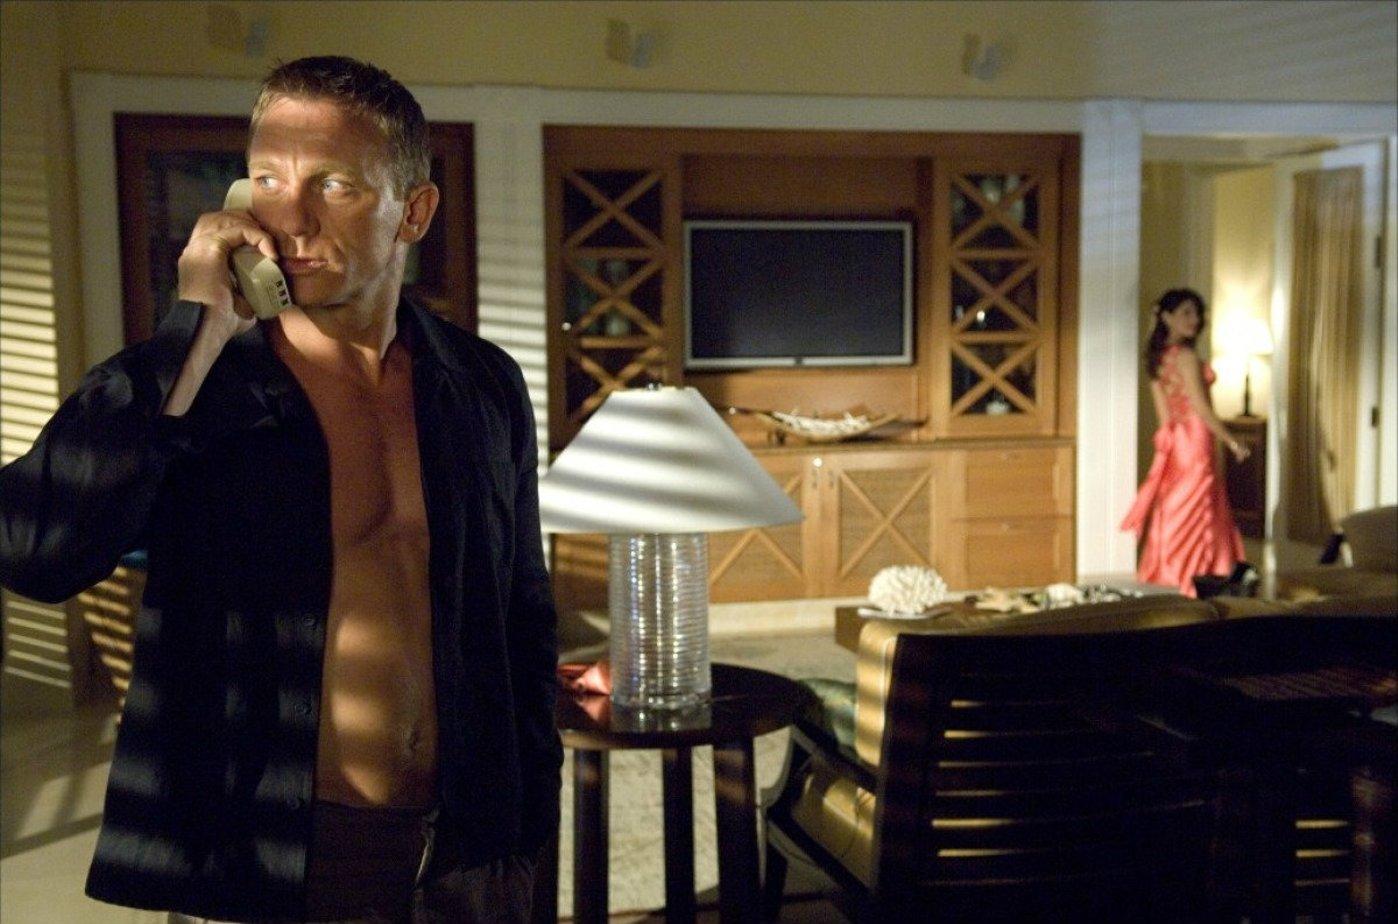 Сценарій фільму Казино Рояль безкоштовно скачати емулятор Іра казино гараж для автостоянки